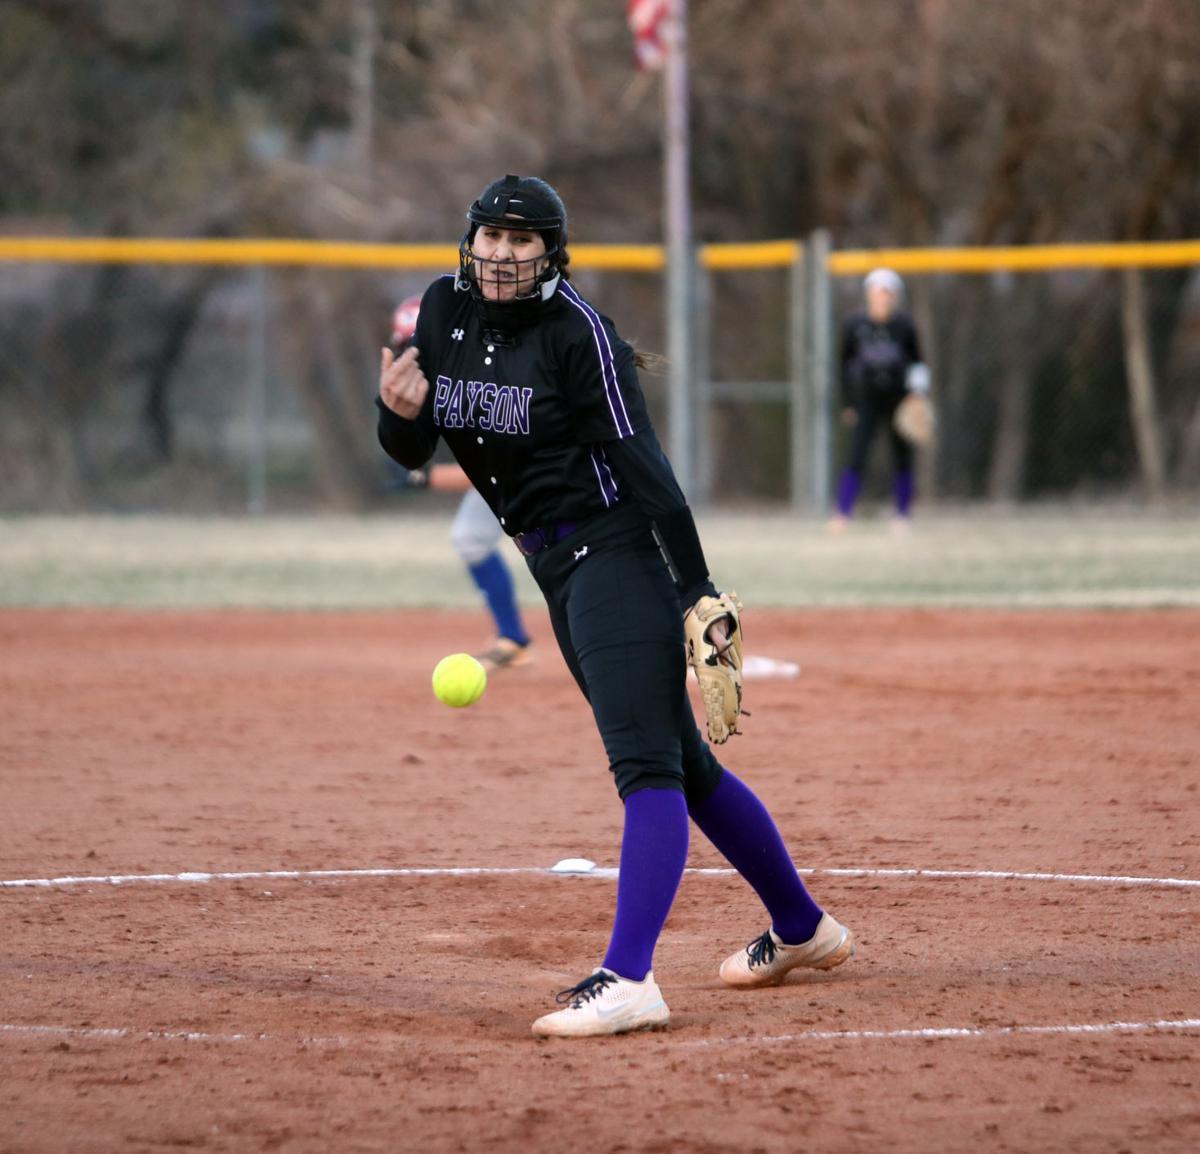 Raci Miranda Pitching From Backstop